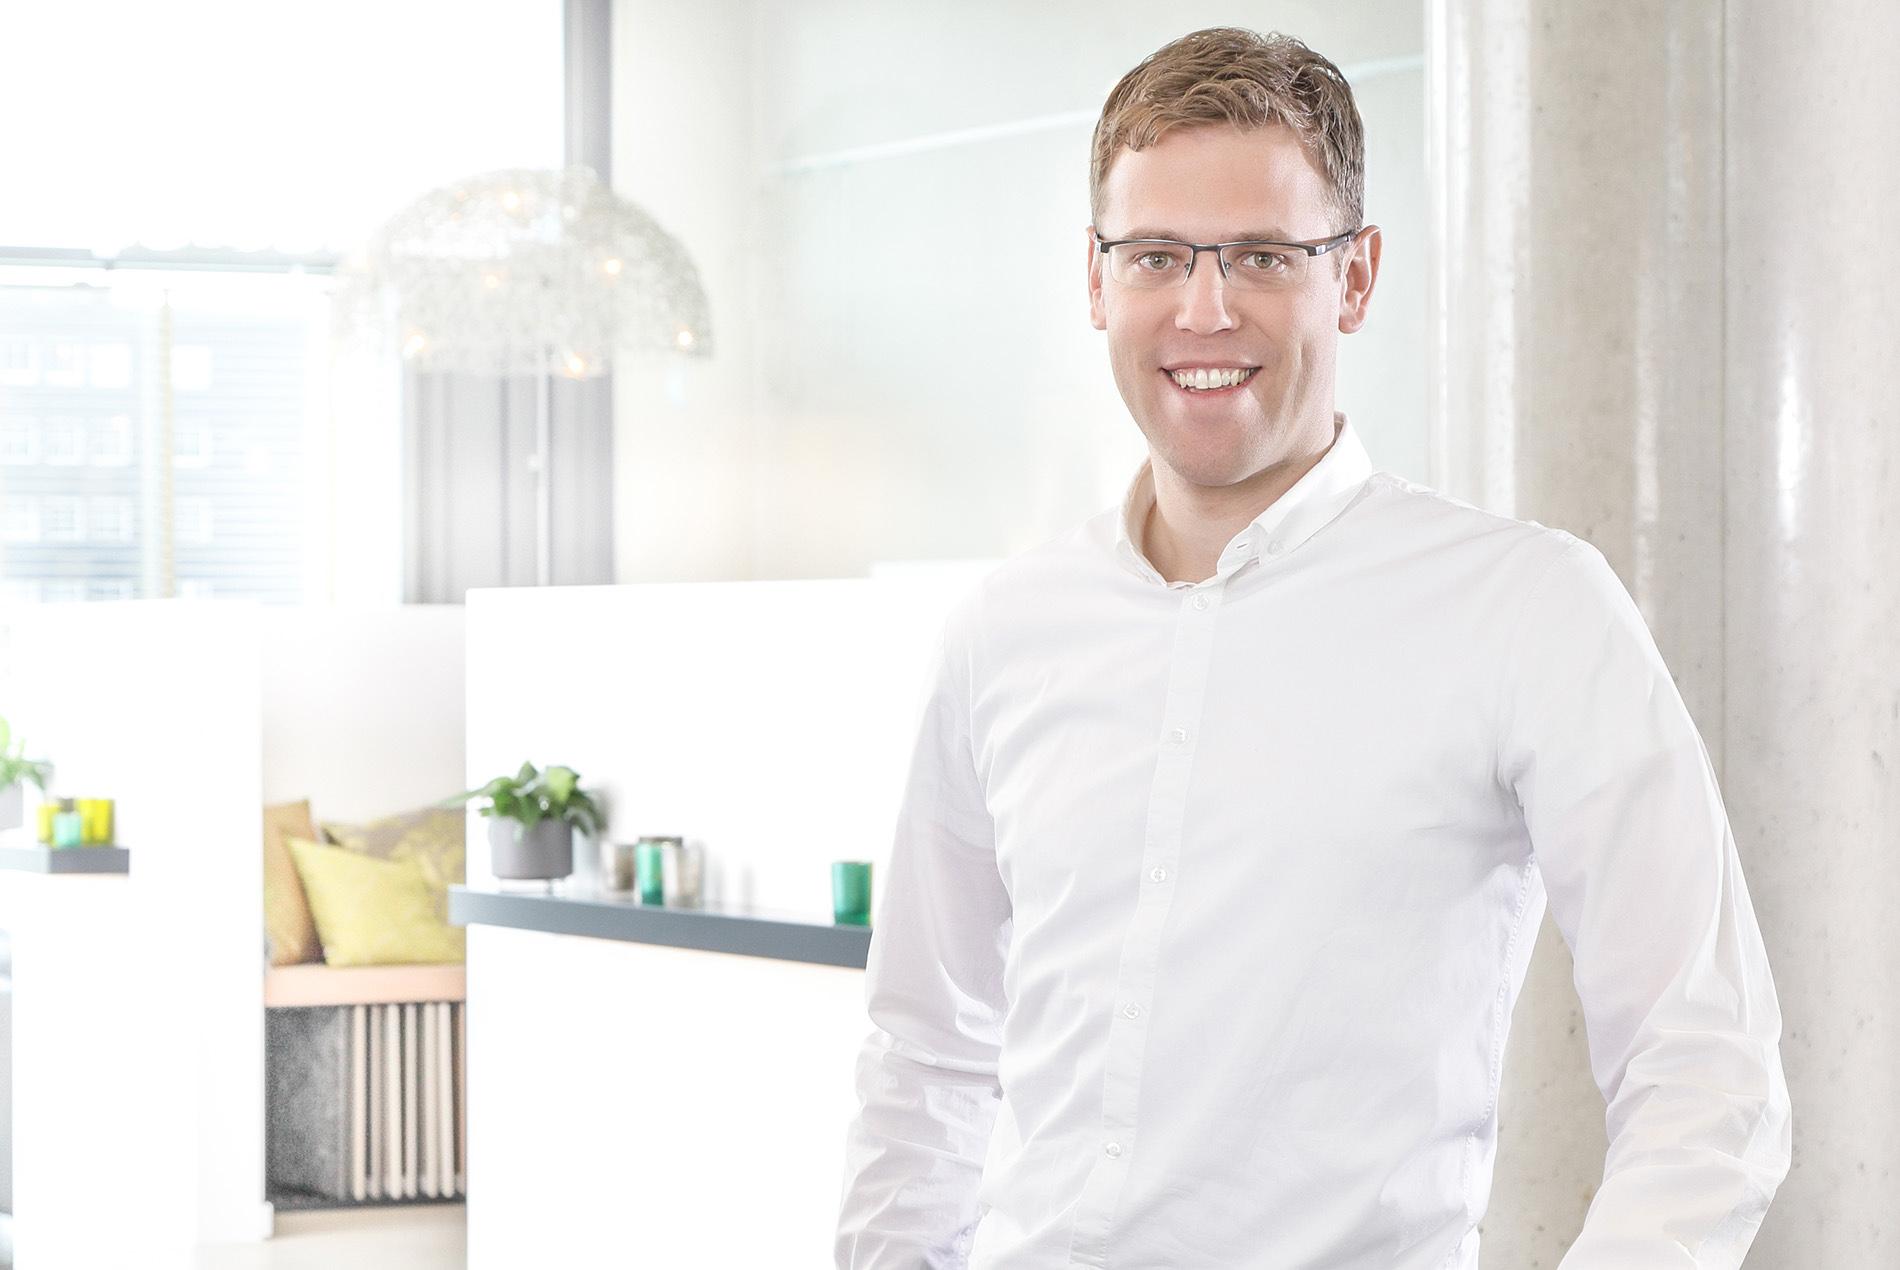 Geschäftsführer Tischlerei Schöpker Emsdetten